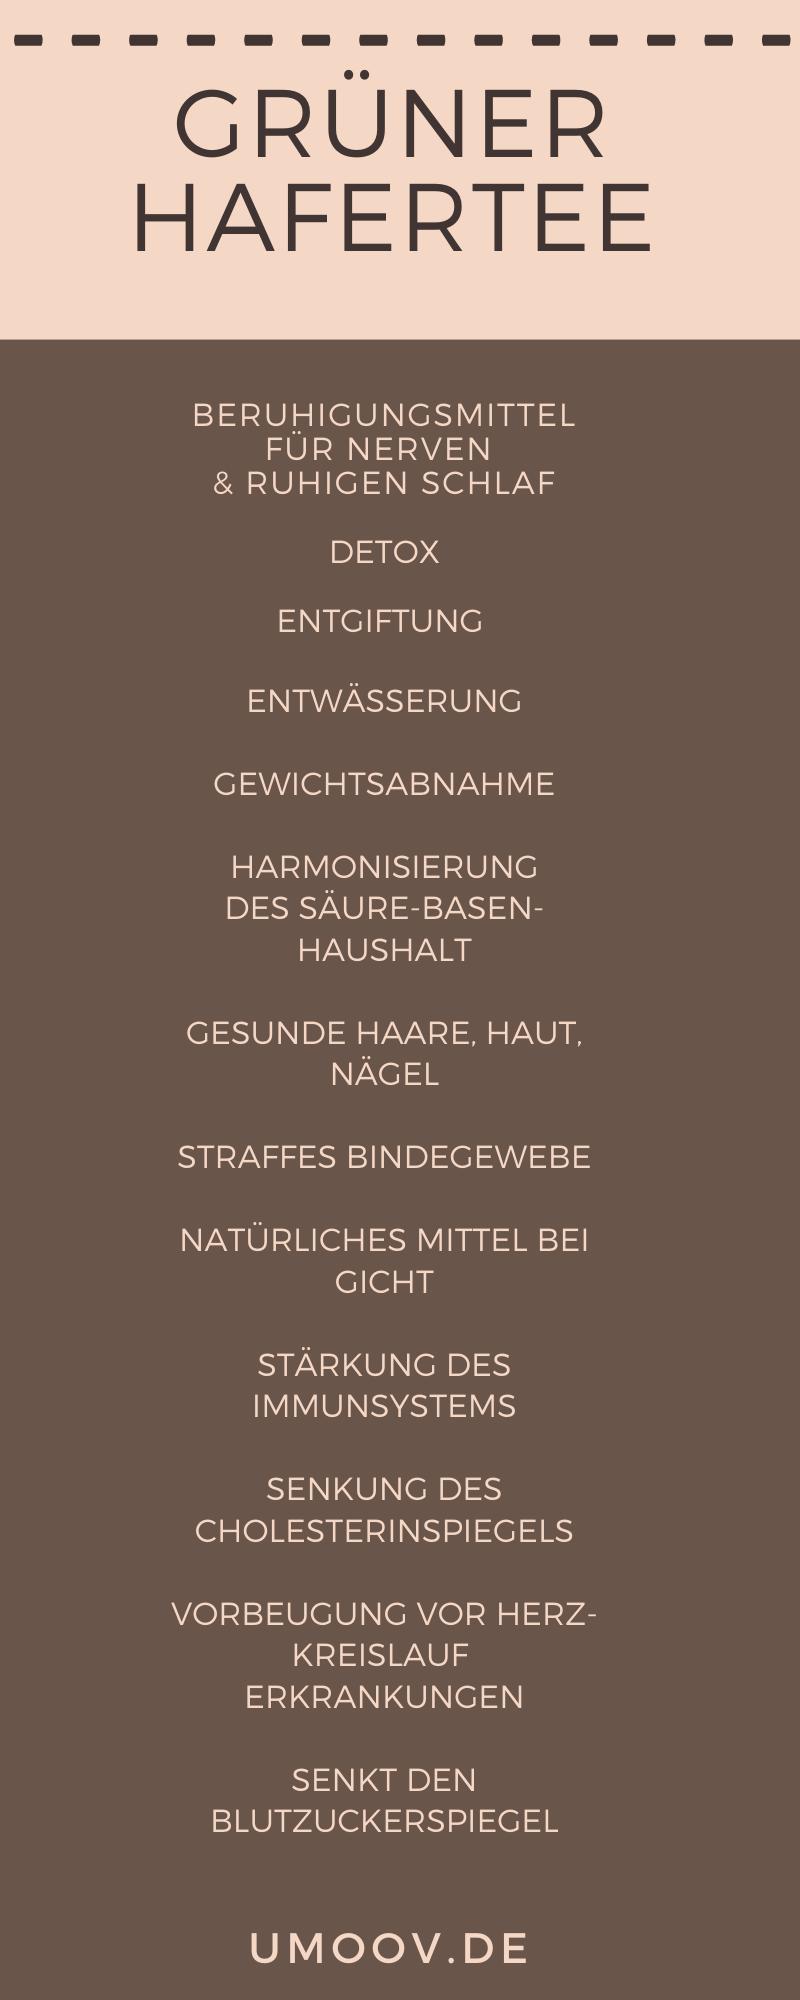 Grüner Hafertee